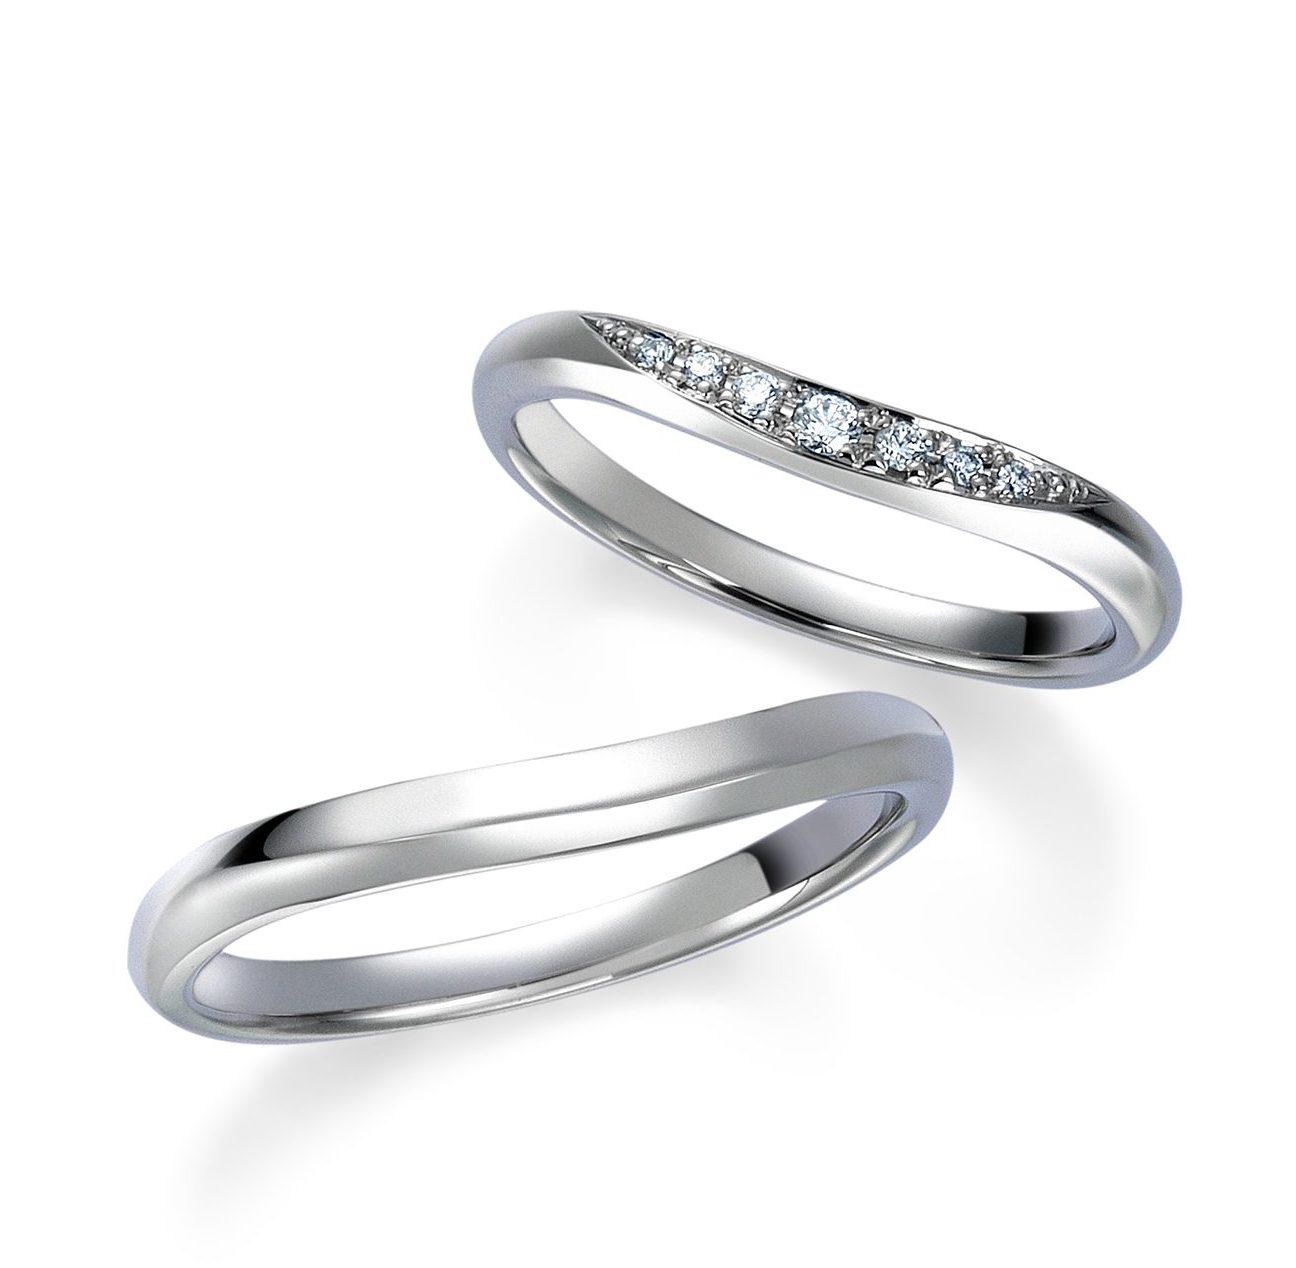 シンプル,フェミニン 結婚指輪のWRB038 _ WRA028